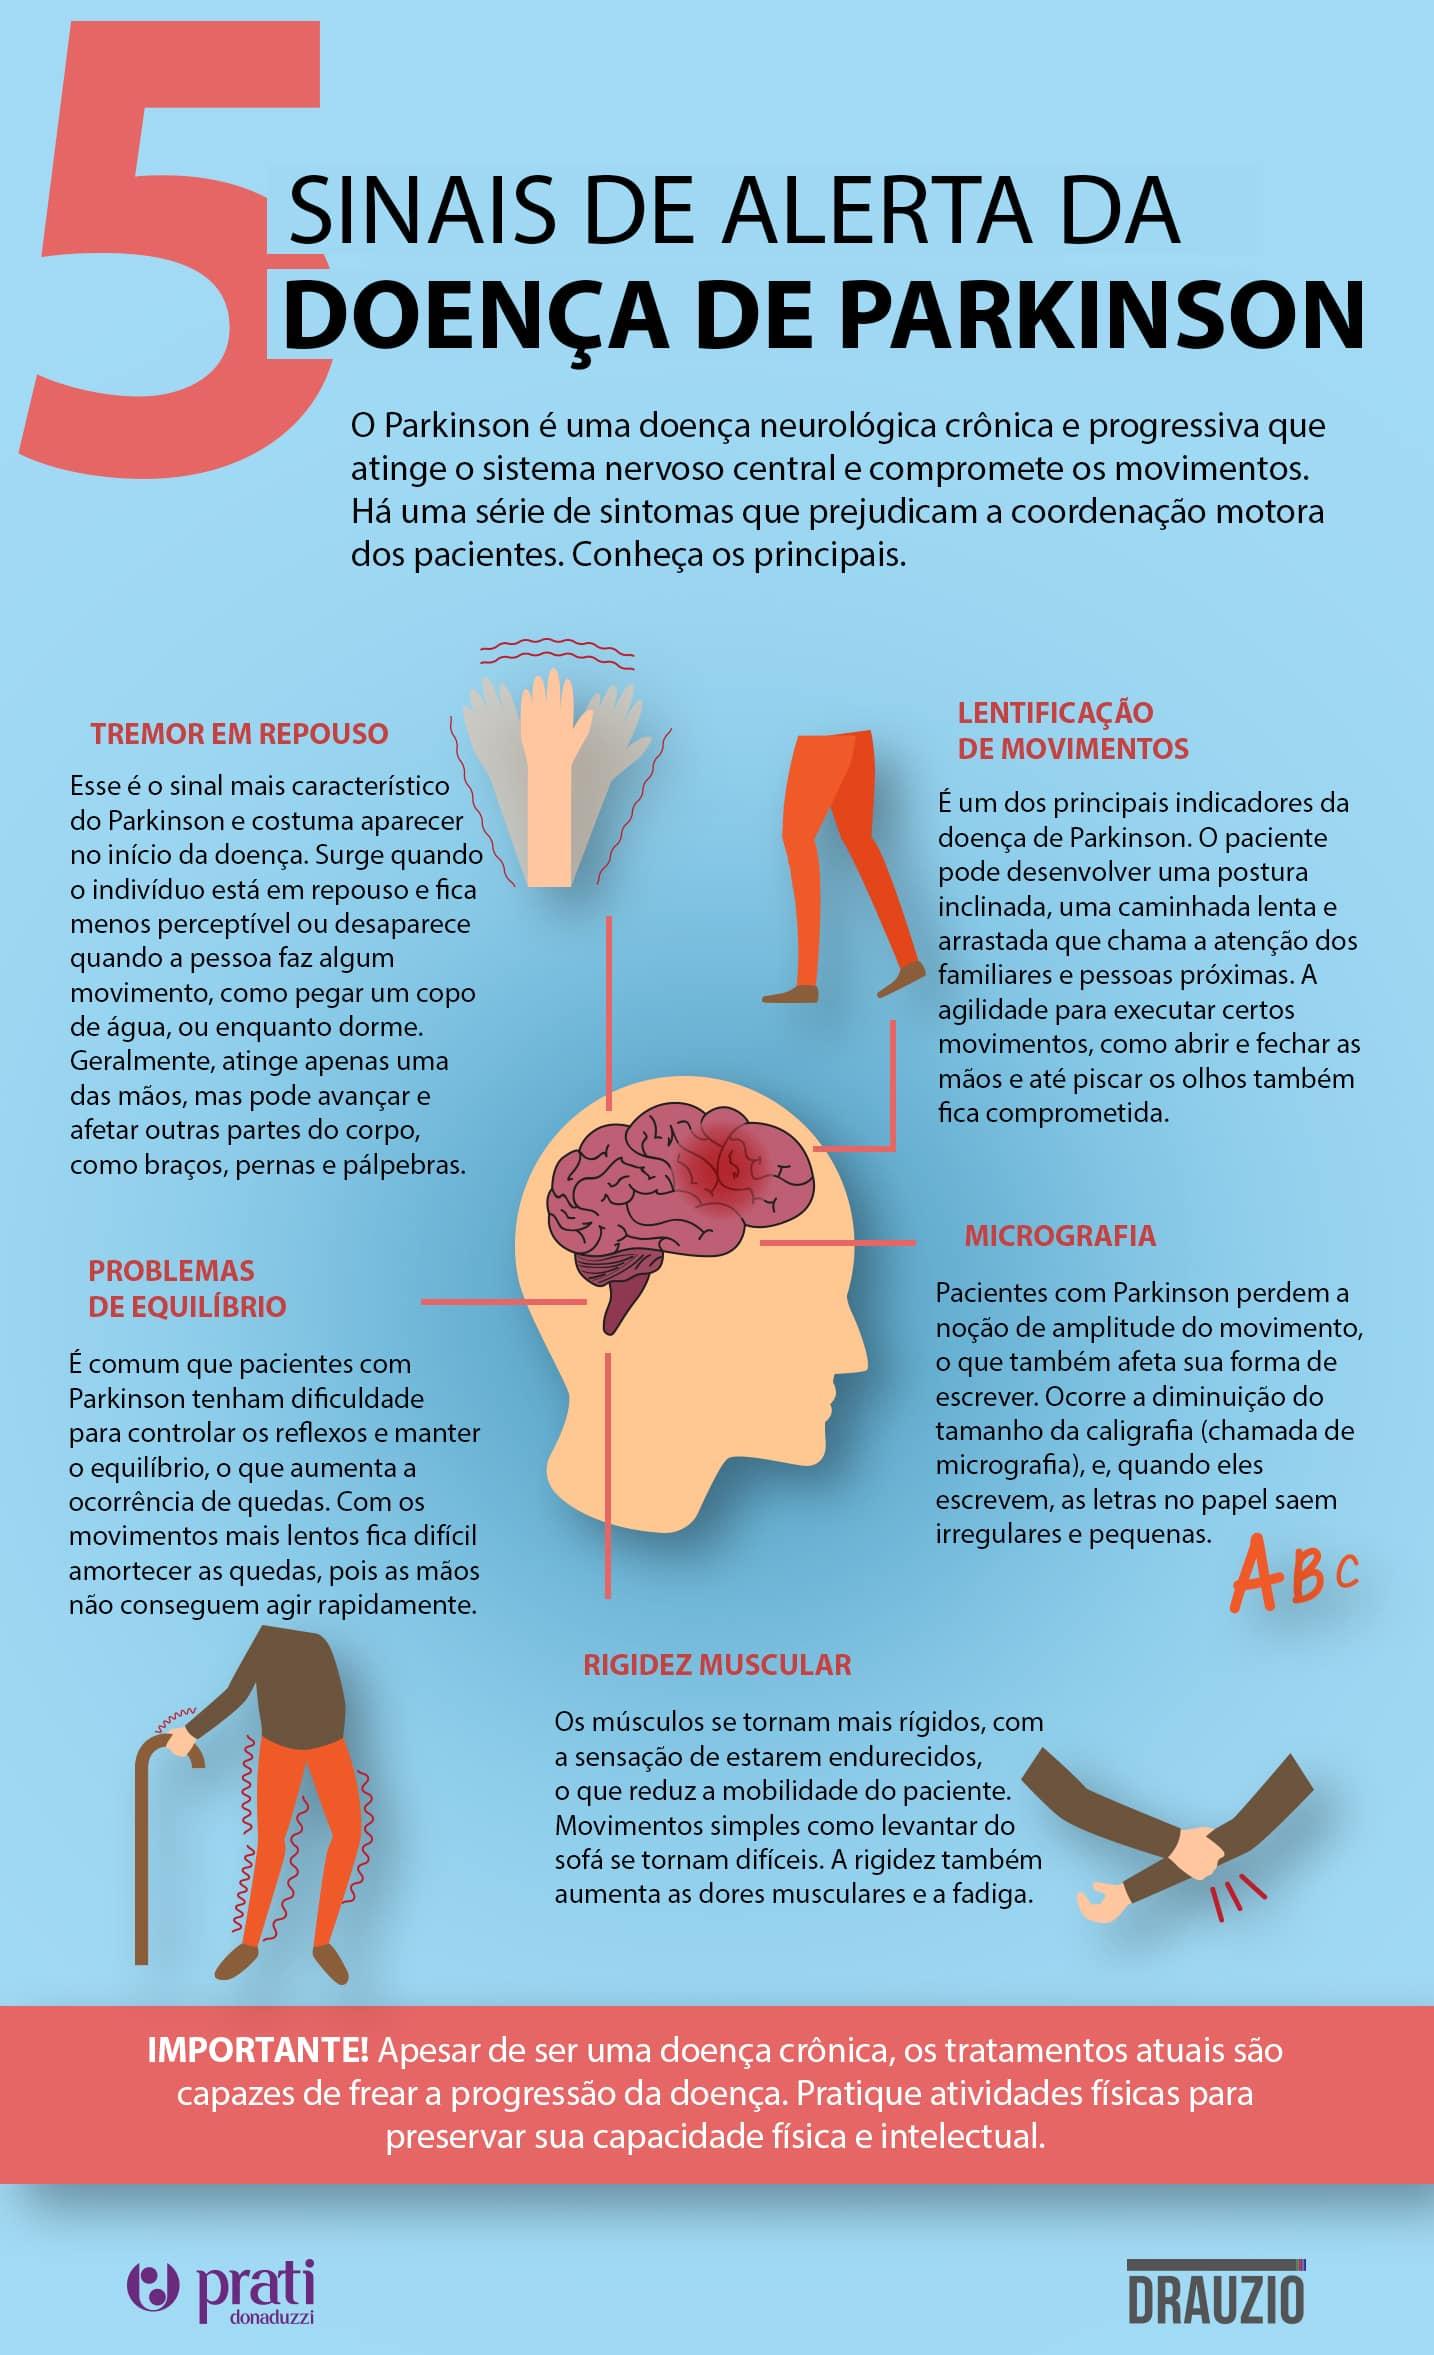 Infográfico sobre como identificar possíveis sinais da doença de Parkinson